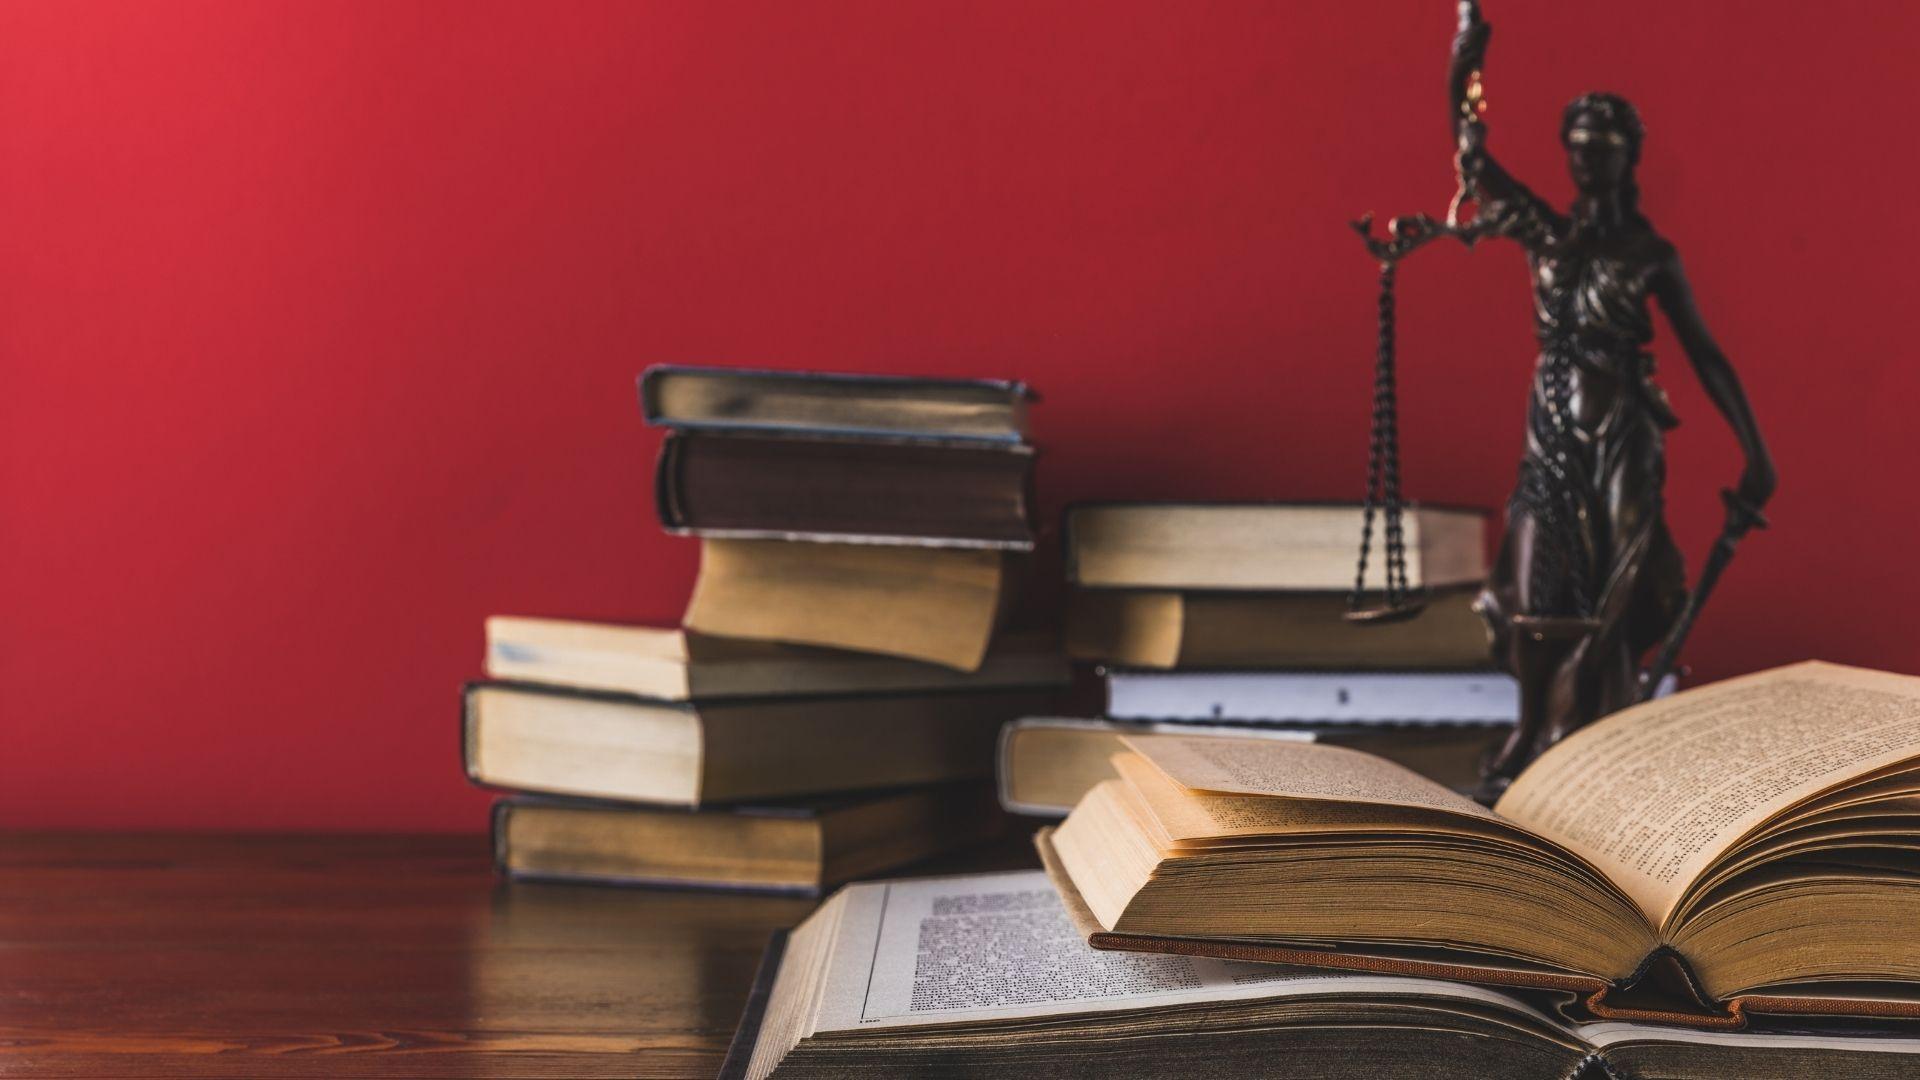 Rüşvet Suçu ve Cezası (TCK m. 252)